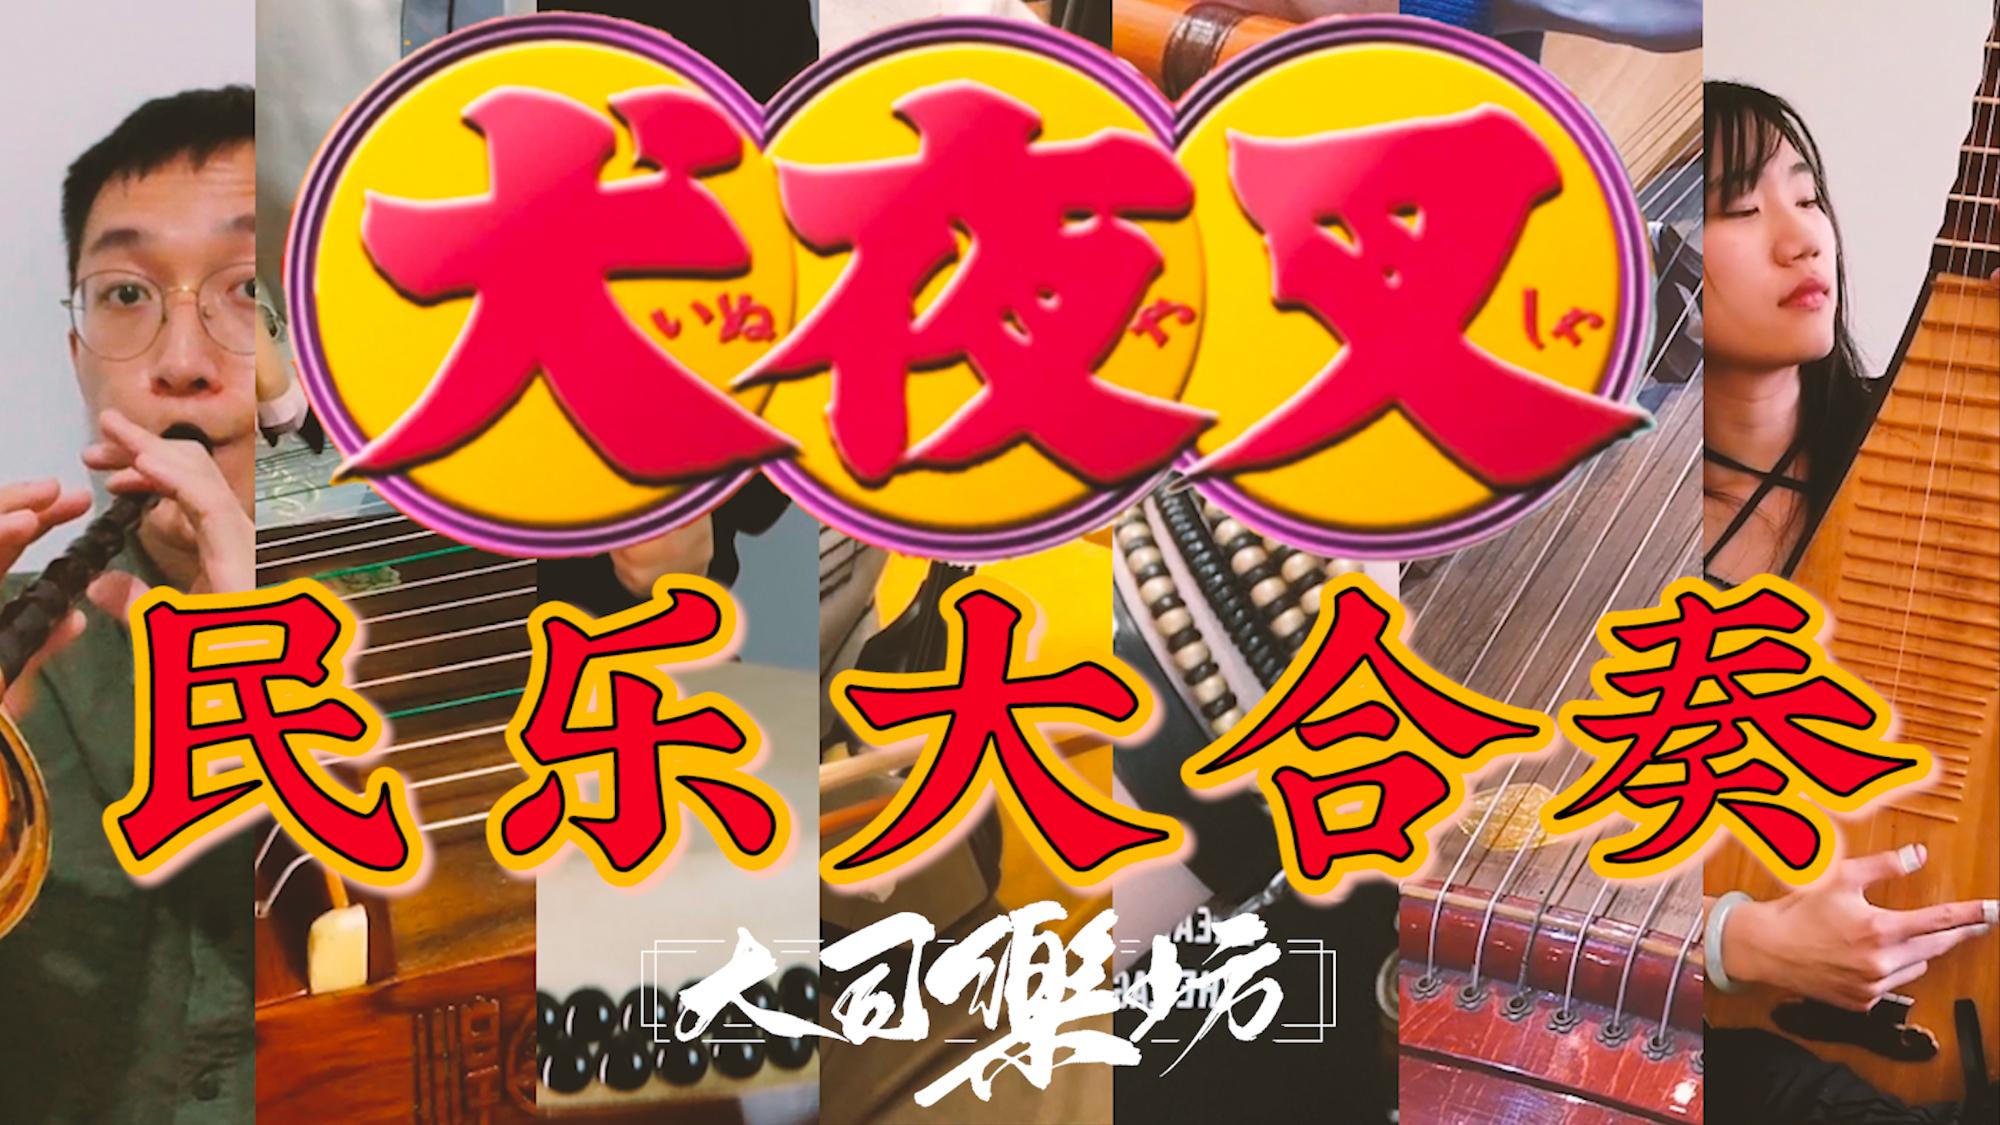 【A等生】「民乐合奏」动画《犬夜叉》组曲 by 大司乐坊